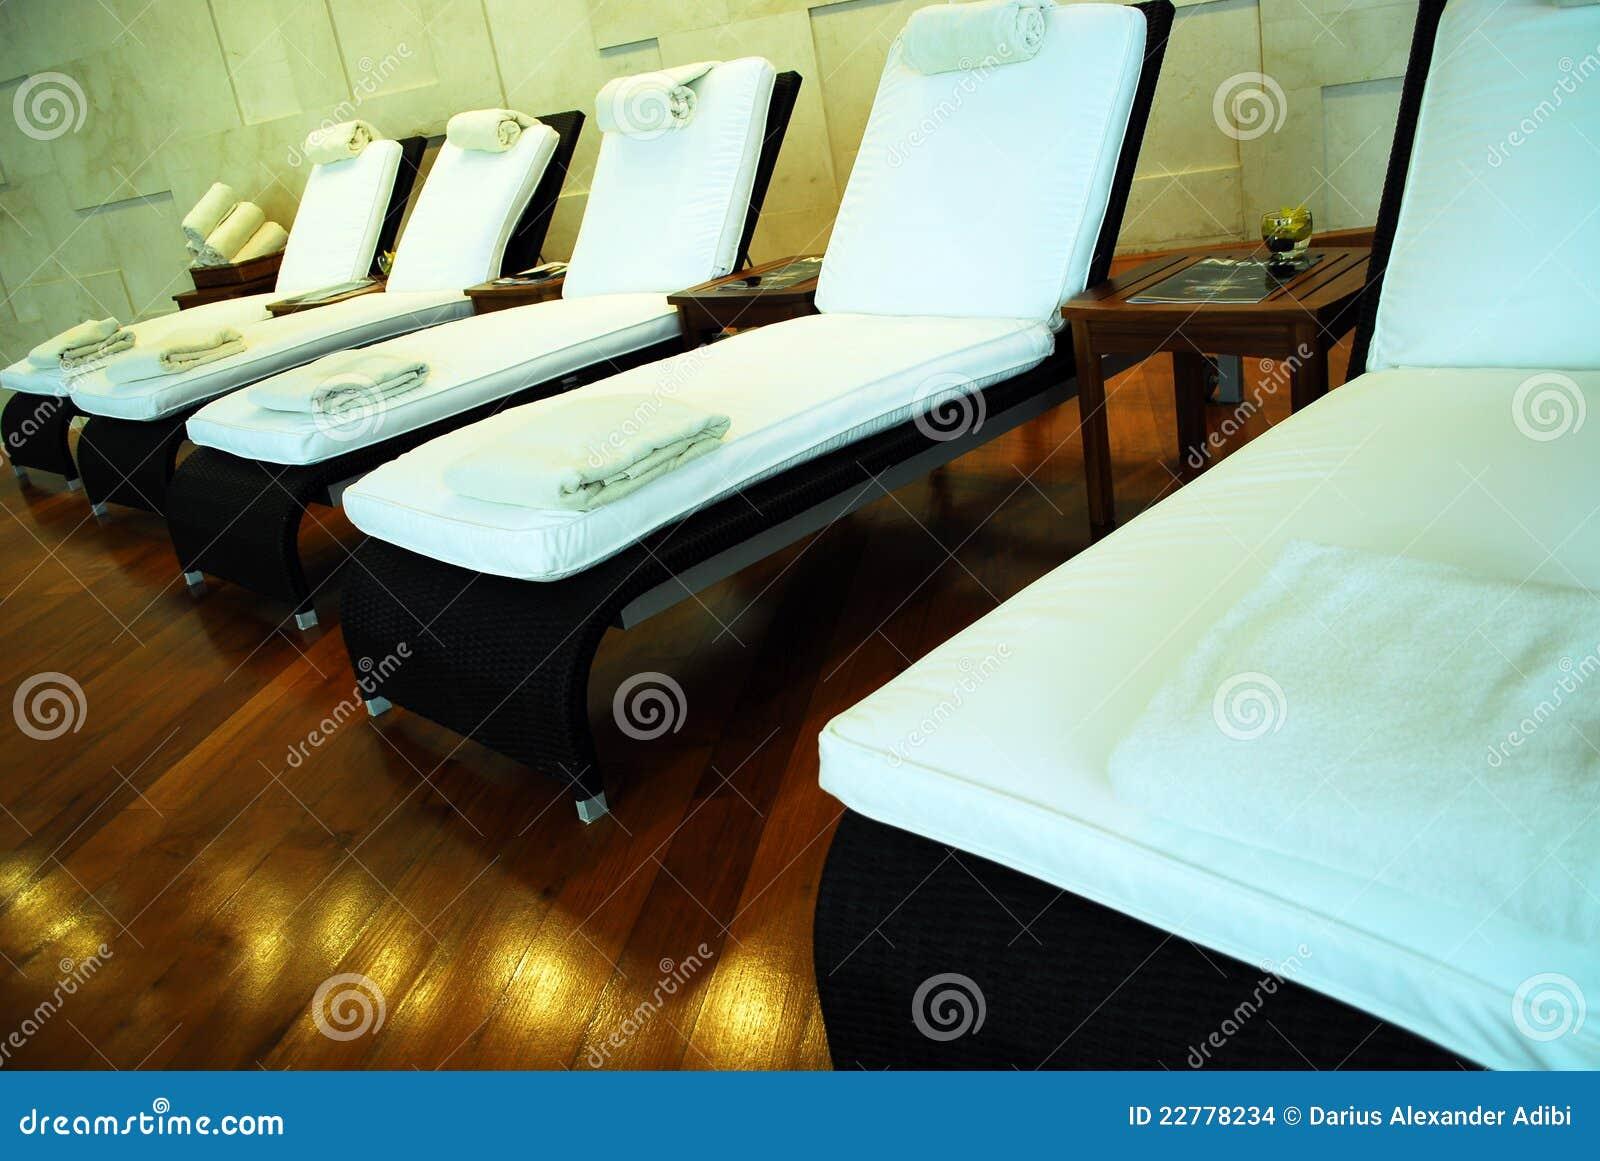 Chairs lounge spa